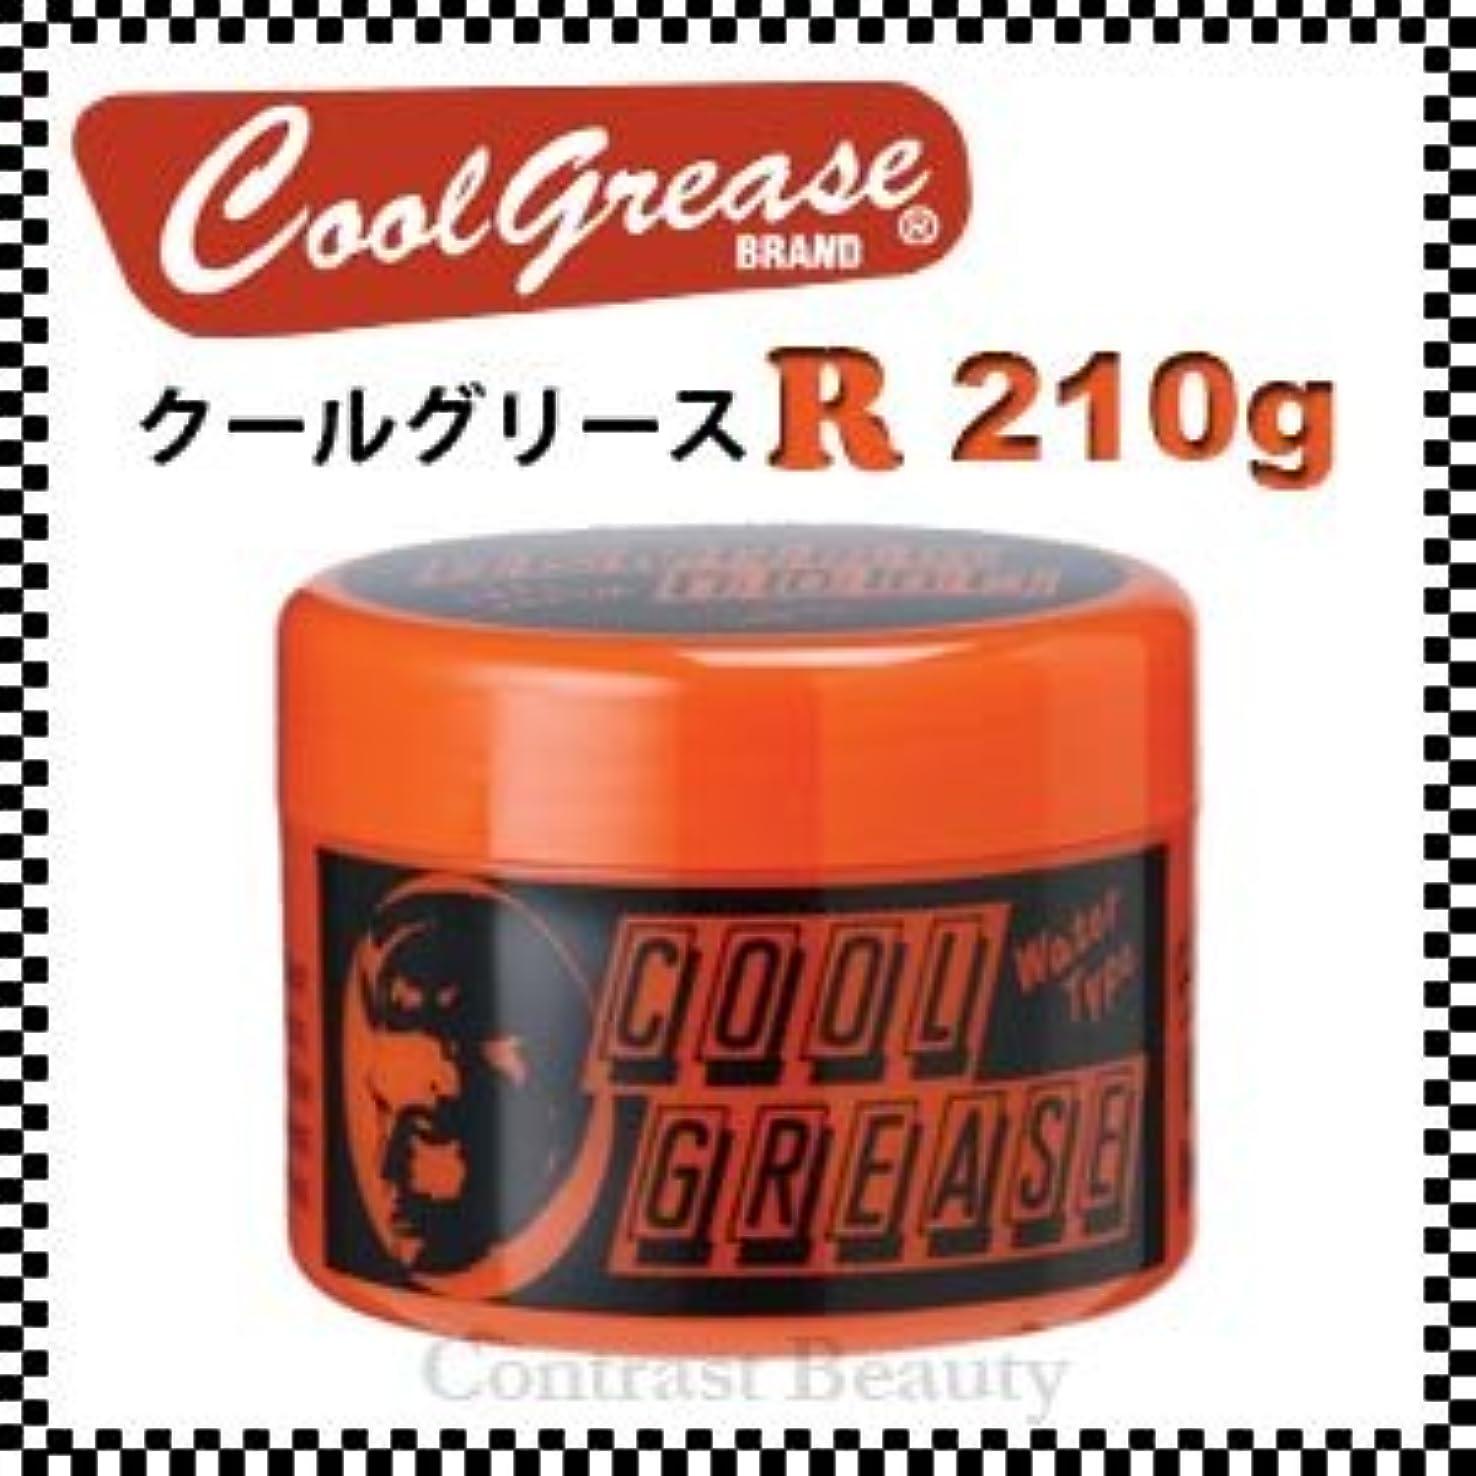 エールスツールエイズ【X3個セット】 阪本高生堂 クールグリース R 210g